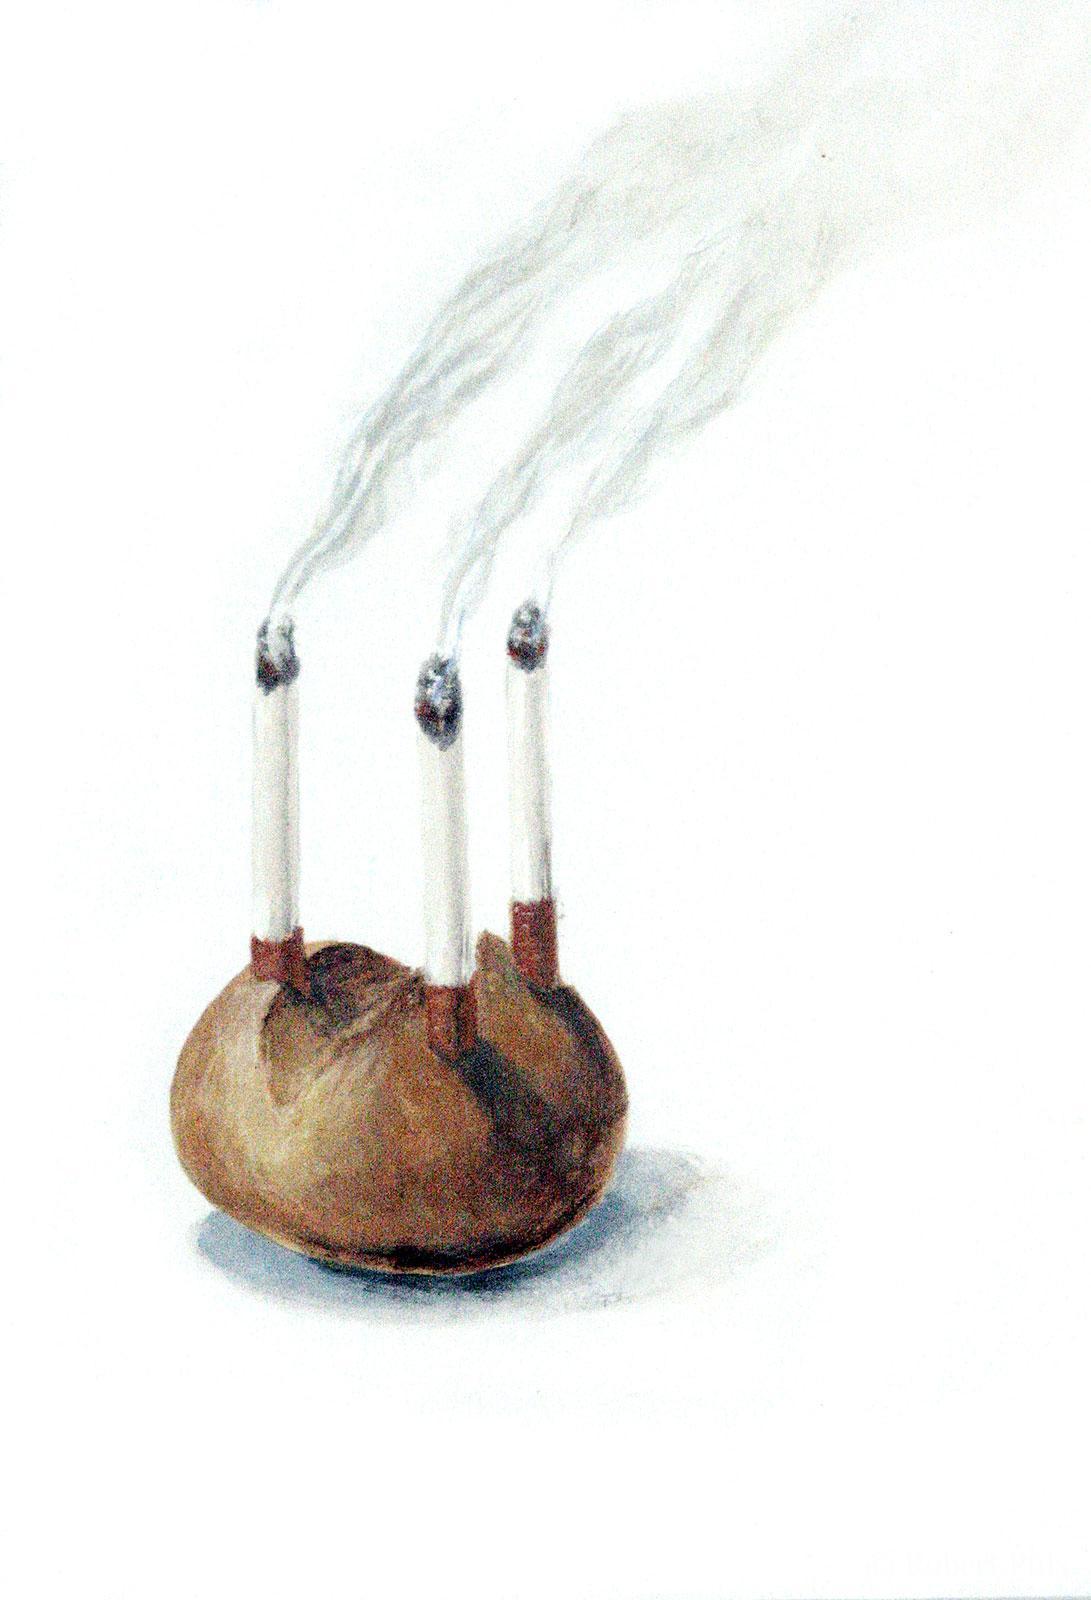 Guten Appetit Brotschaften Brötchen Zigaretten Glückwunsch Malerei